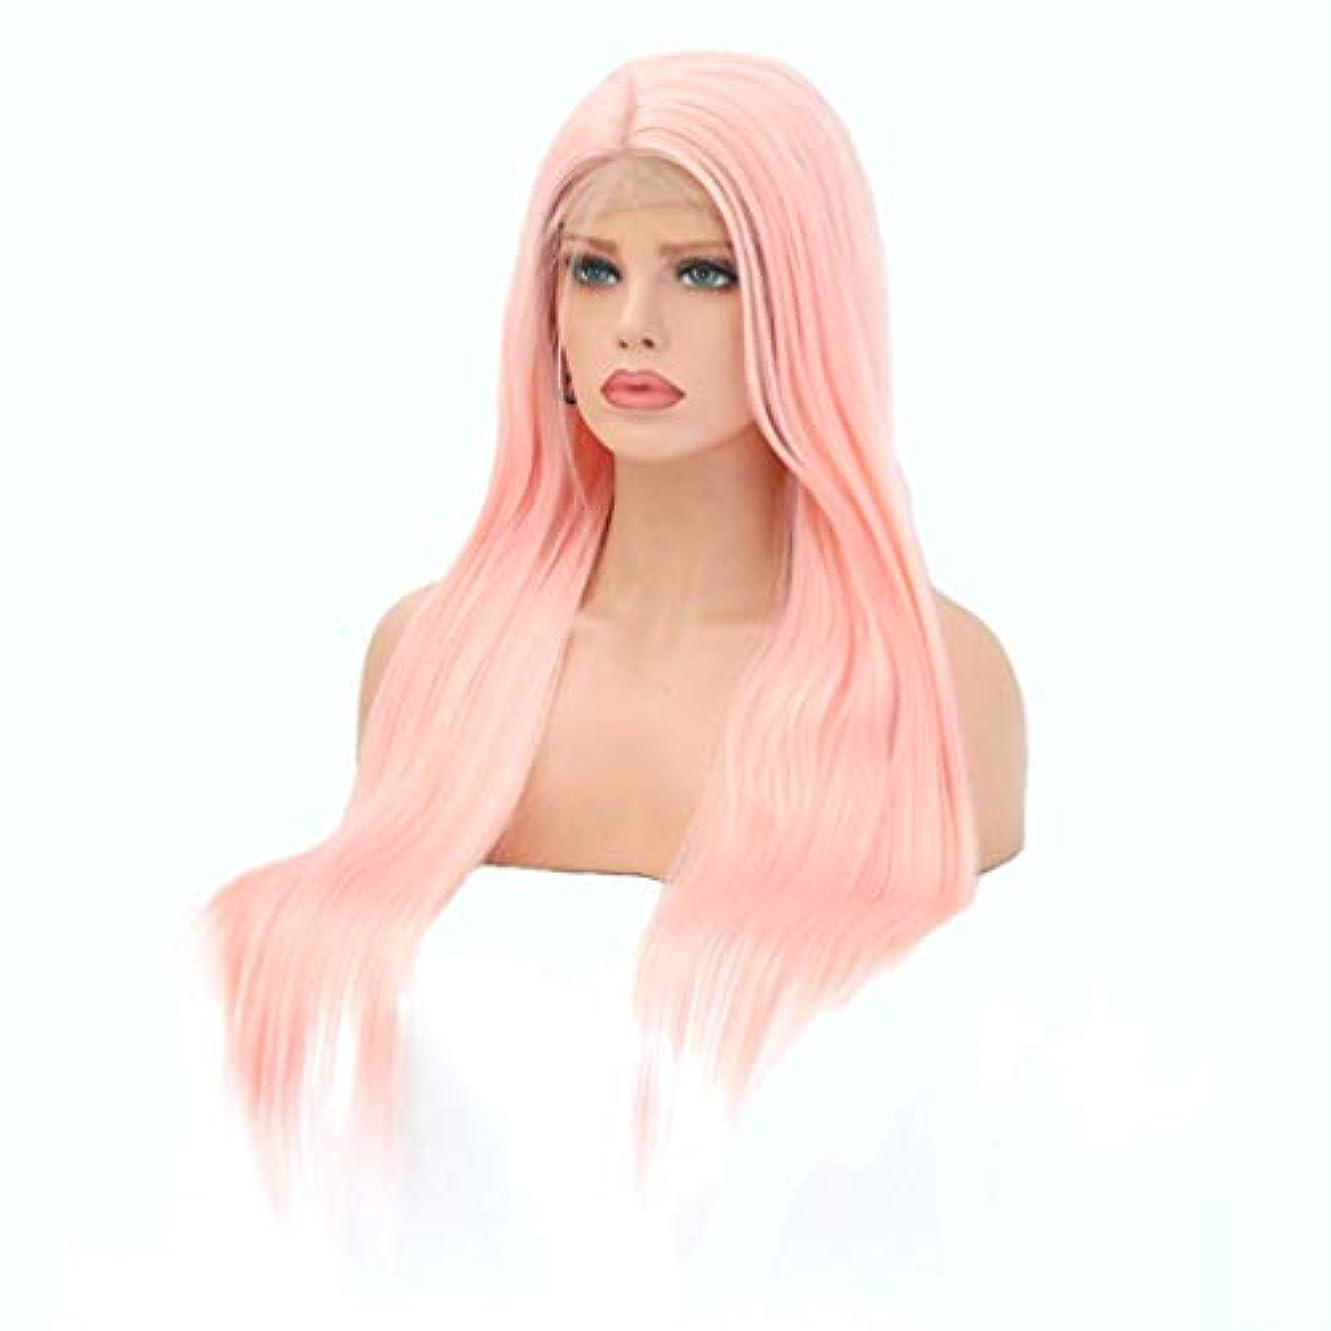 フェローシップ分配しますコカインKerwinner 女性のためのフロントレースウィッグピンクの長いストレートの髪の化学繊維ウィッグヘッドギア